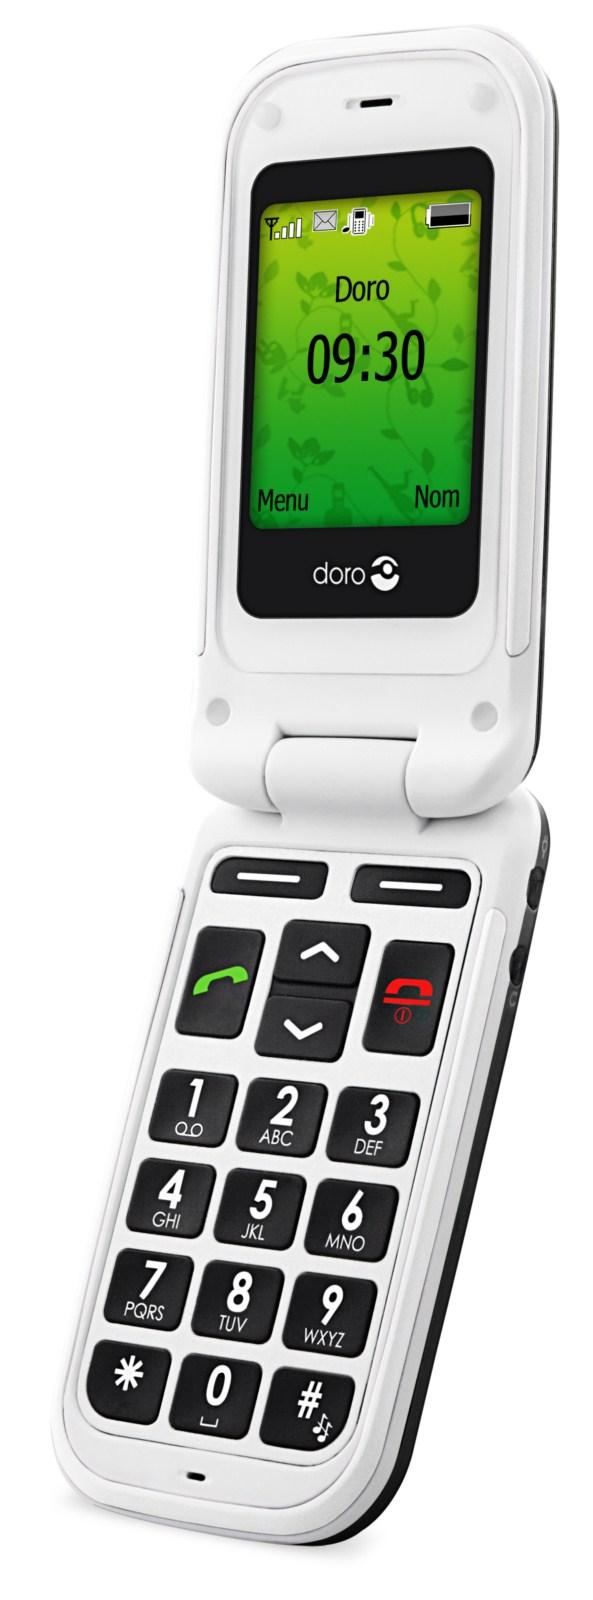 Le téléphone pour séniors Doro Phone Easy 410 distribué par SFR